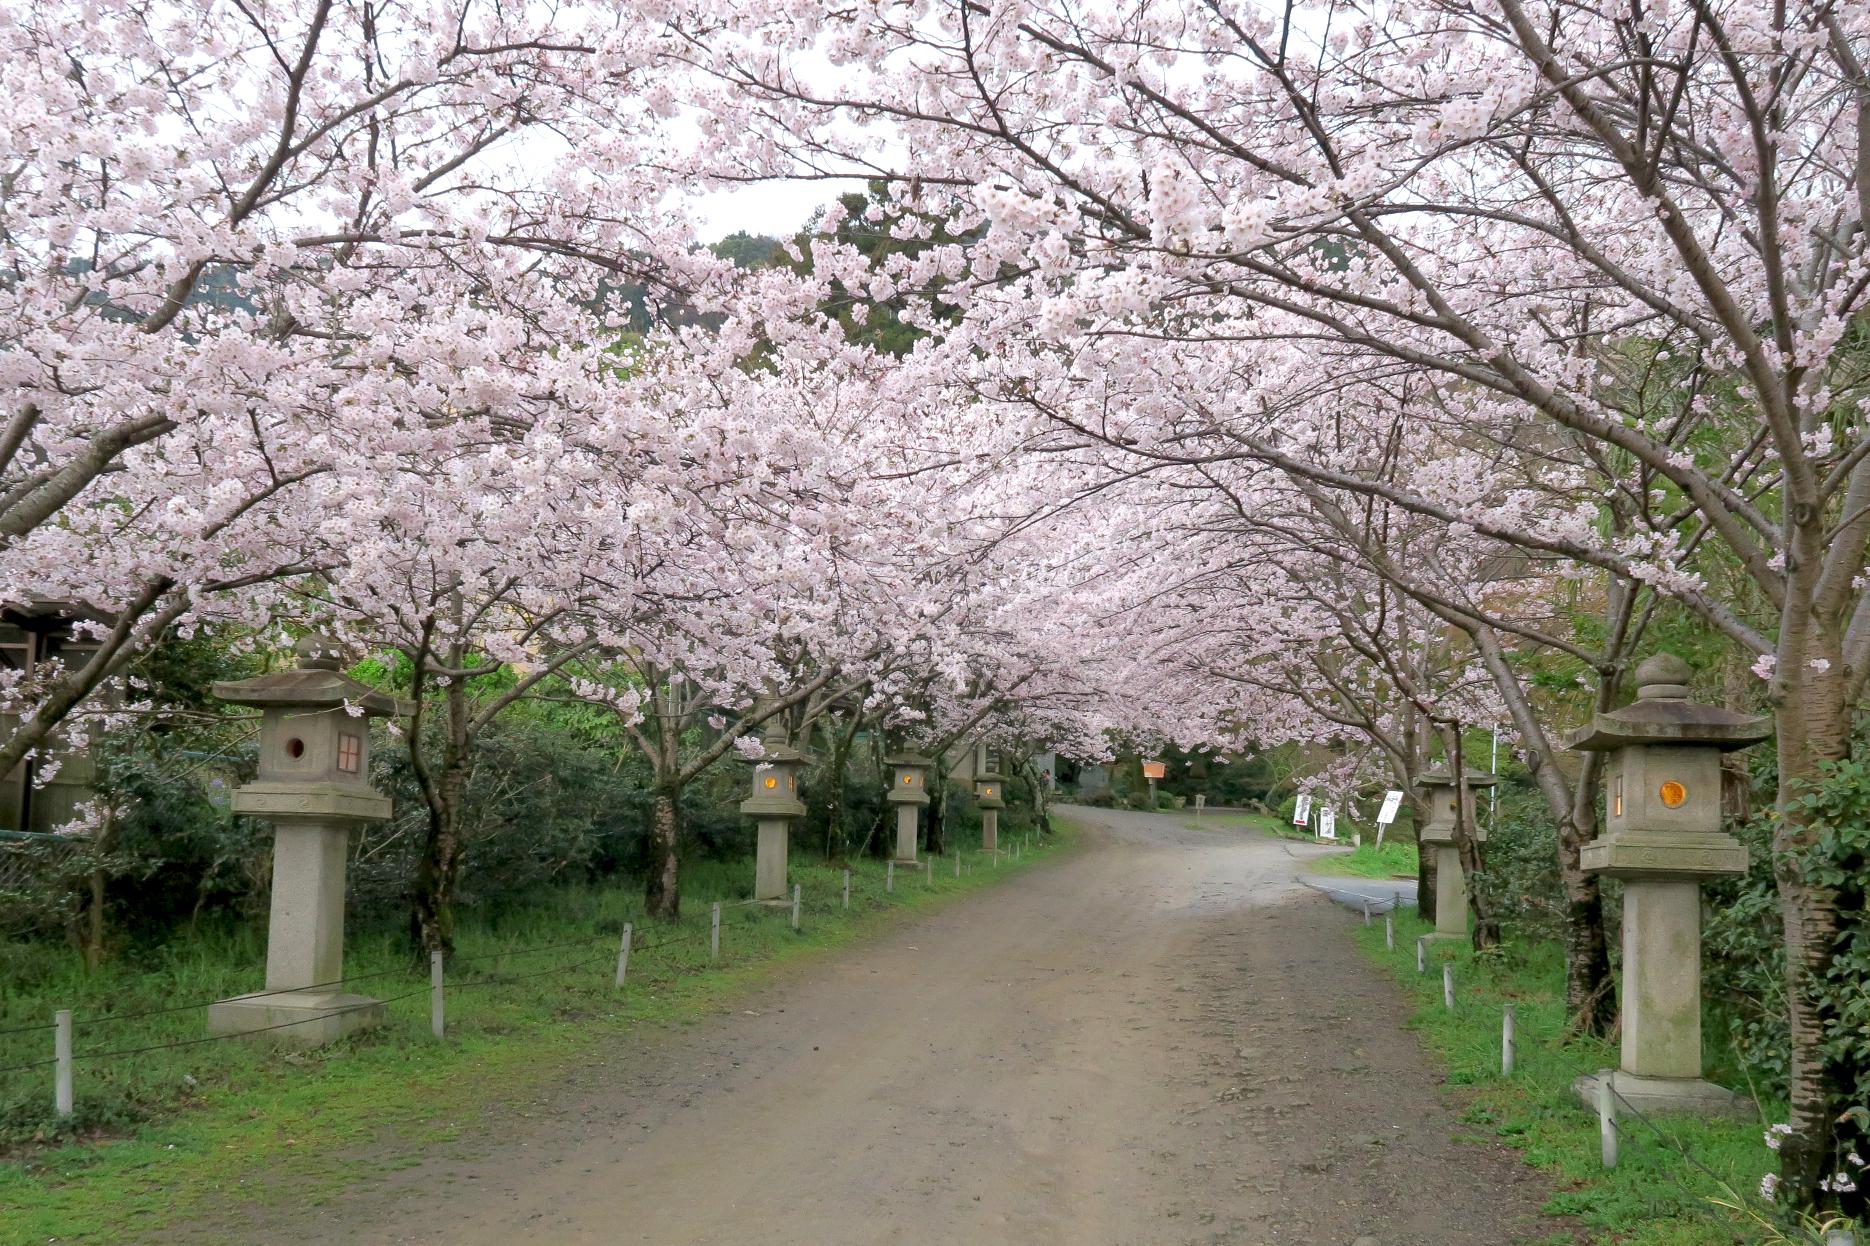 桜トンネルも見事です。大石内蔵助ら四十七士を慕う人たちが建てた神社だけに想いが伝わってきますね。